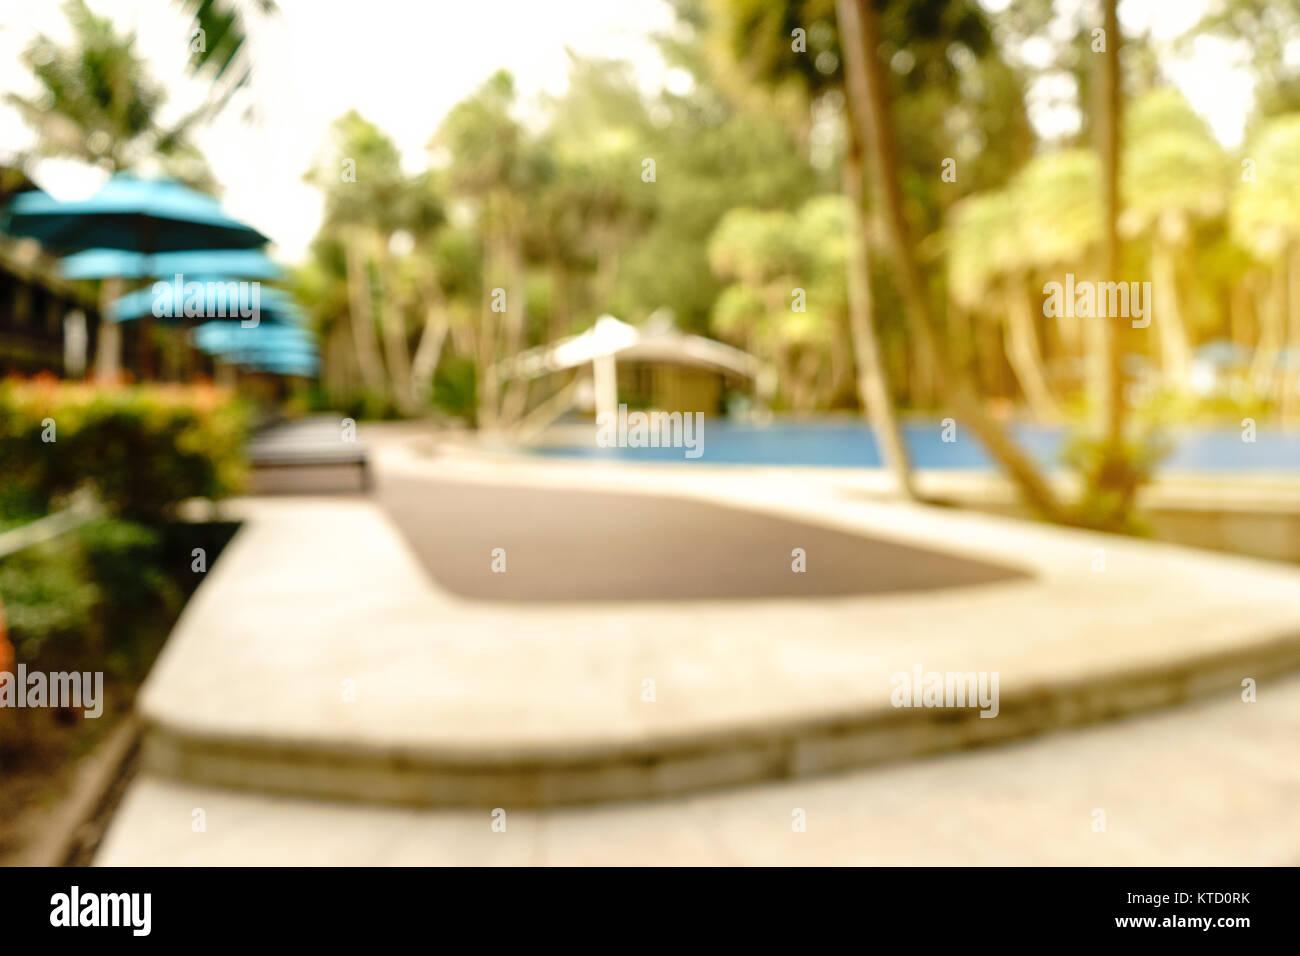 Abstract Garden Swimming Pool Stockfotos Abstract Garden